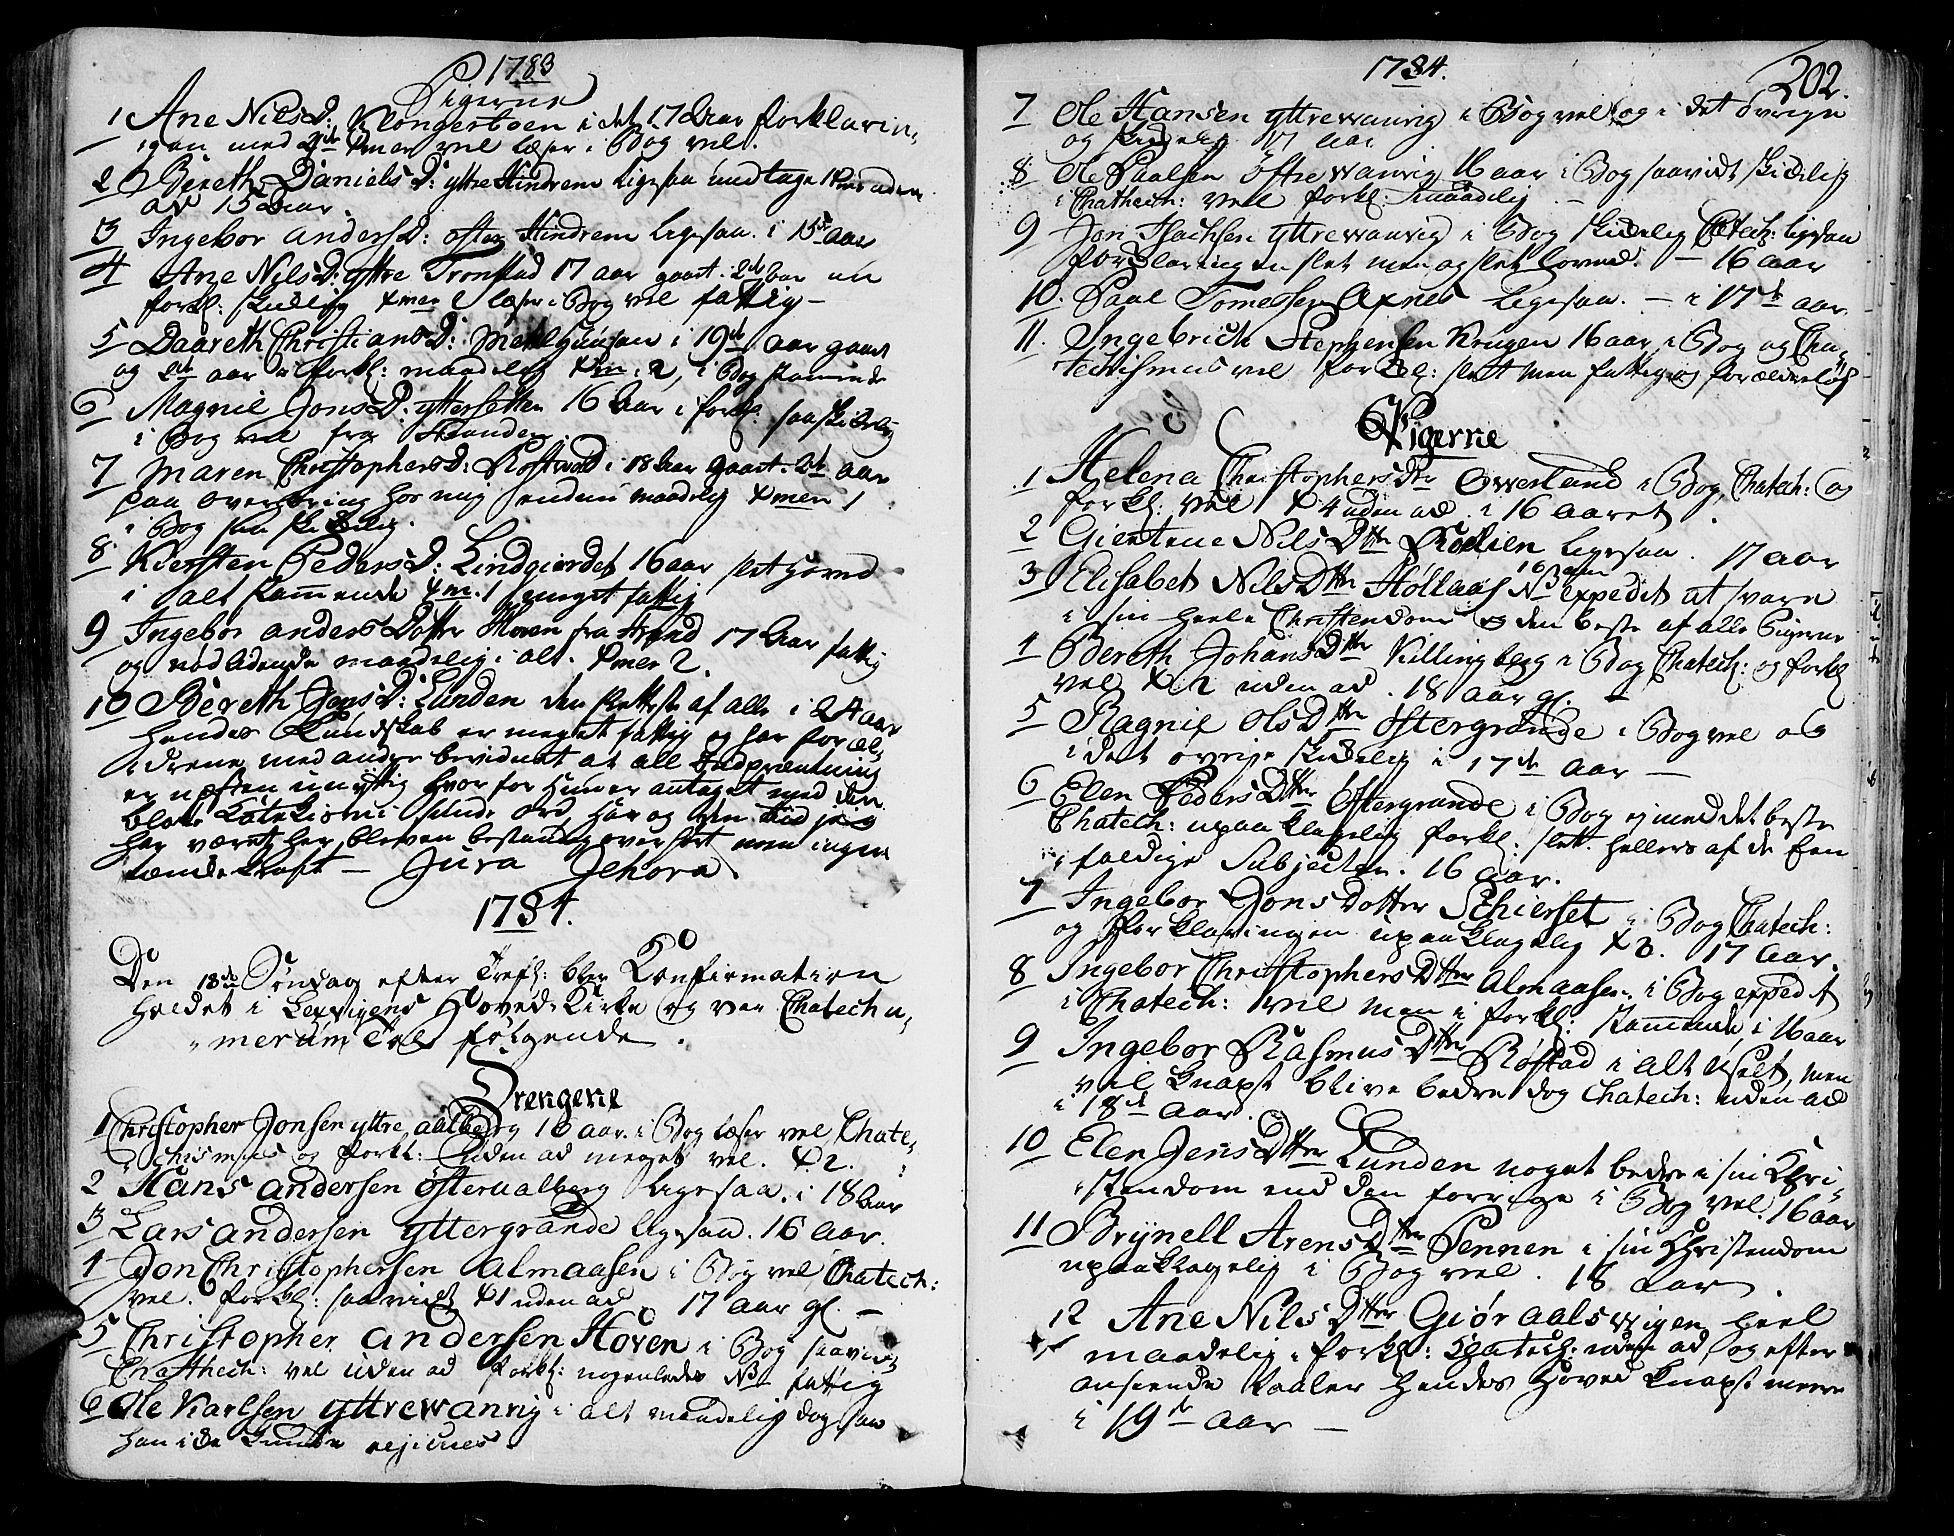 SAT, Ministerialprotokoller, klokkerbøker og fødselsregistre - Nord-Trøndelag, 701/L0004: Ministerialbok nr. 701A04, 1783-1816, s. 202